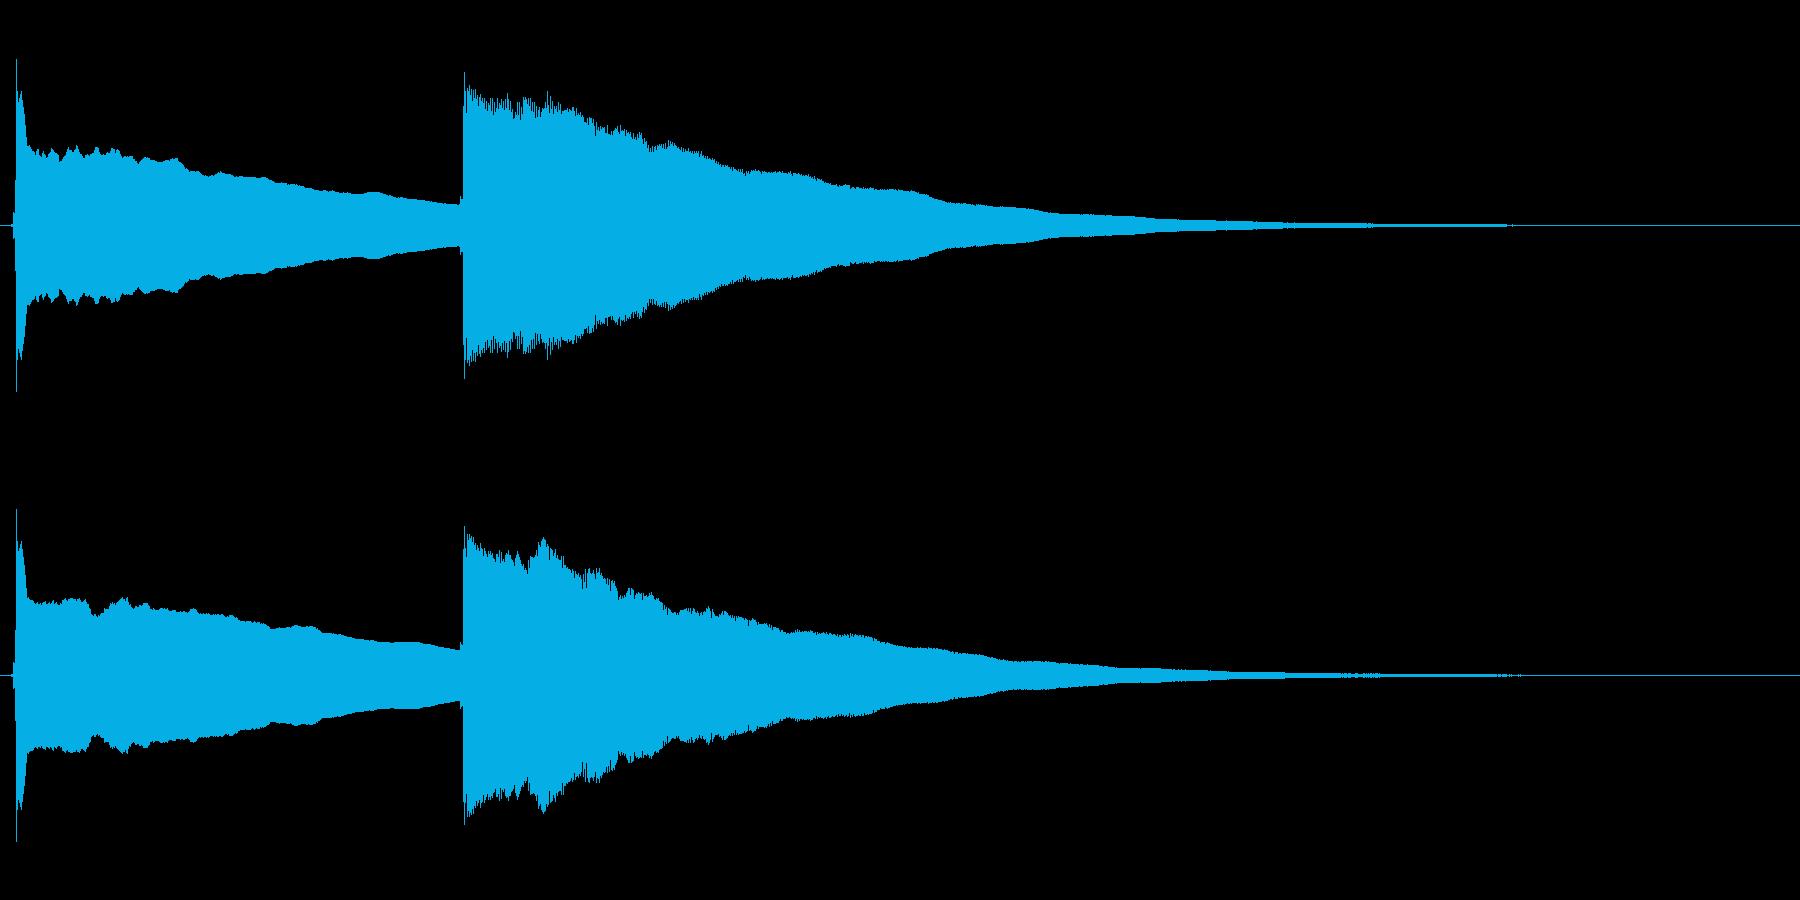 ピンポン (2)の再生済みの波形